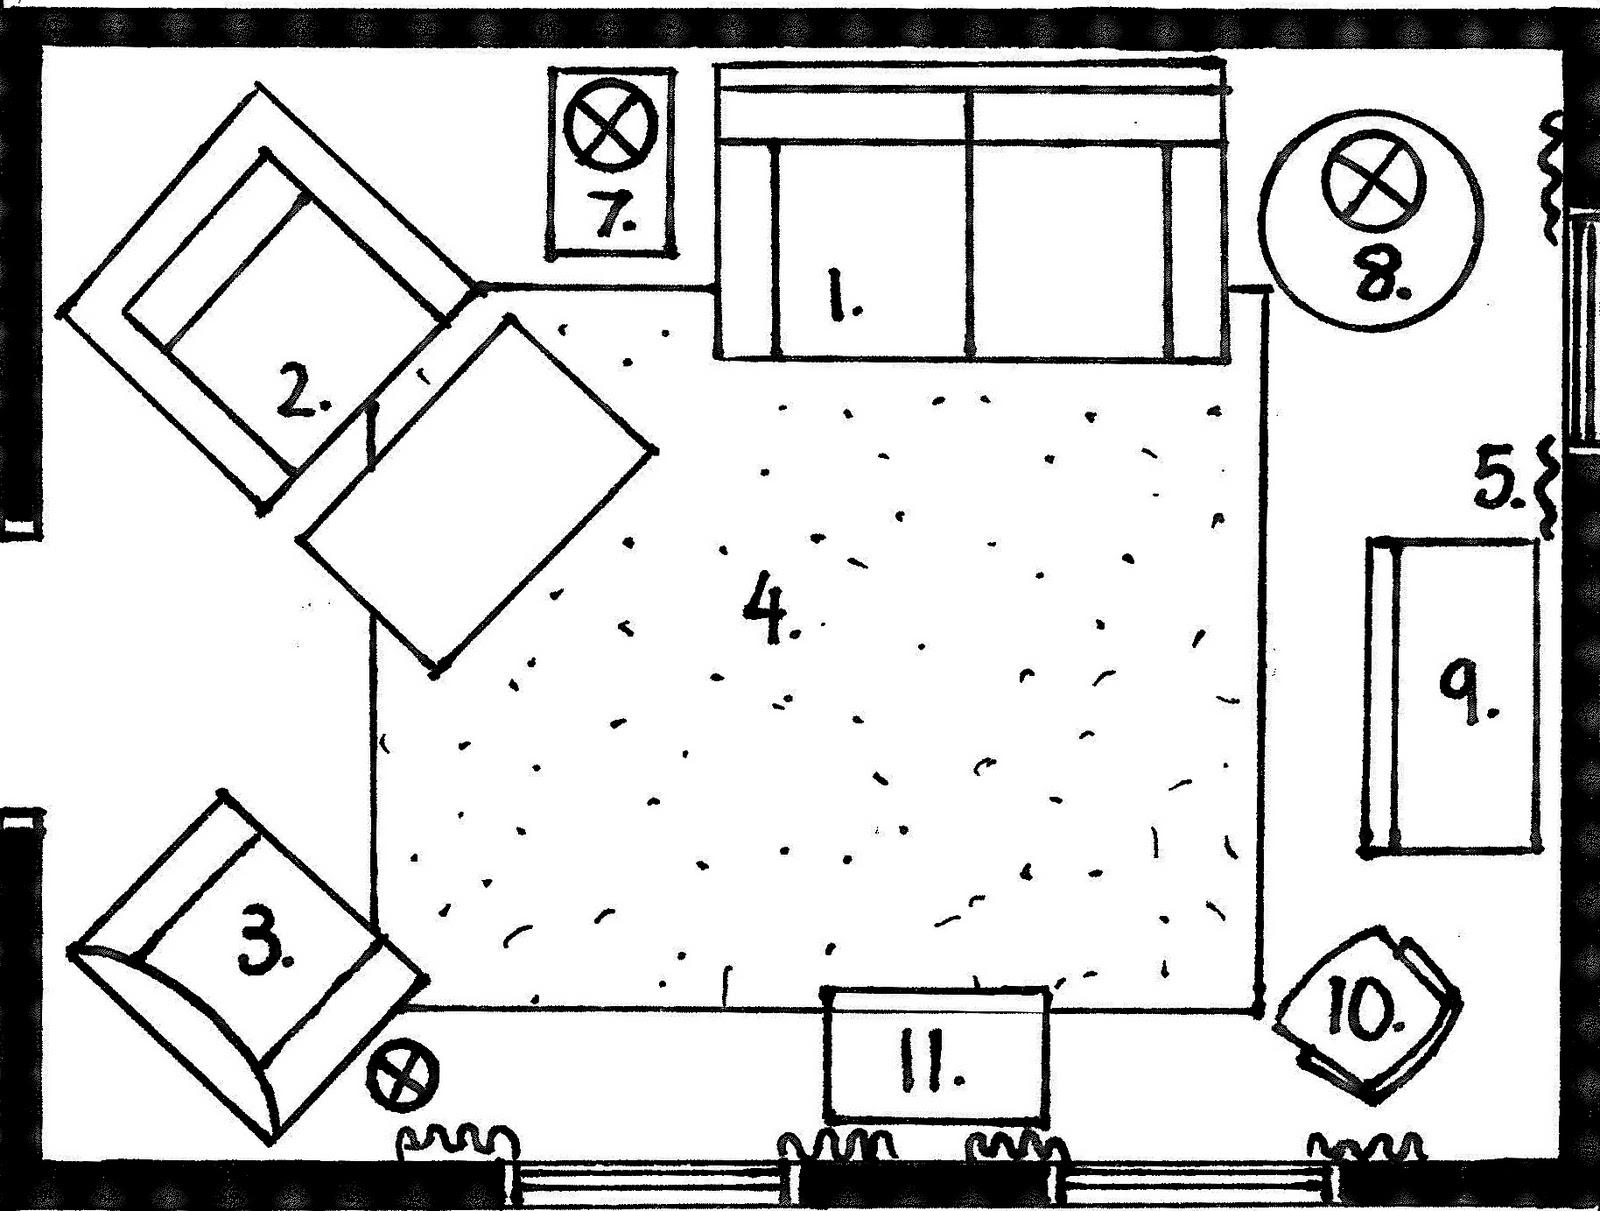 LIVING ROOM FLOOR PLANS  Floor Plans